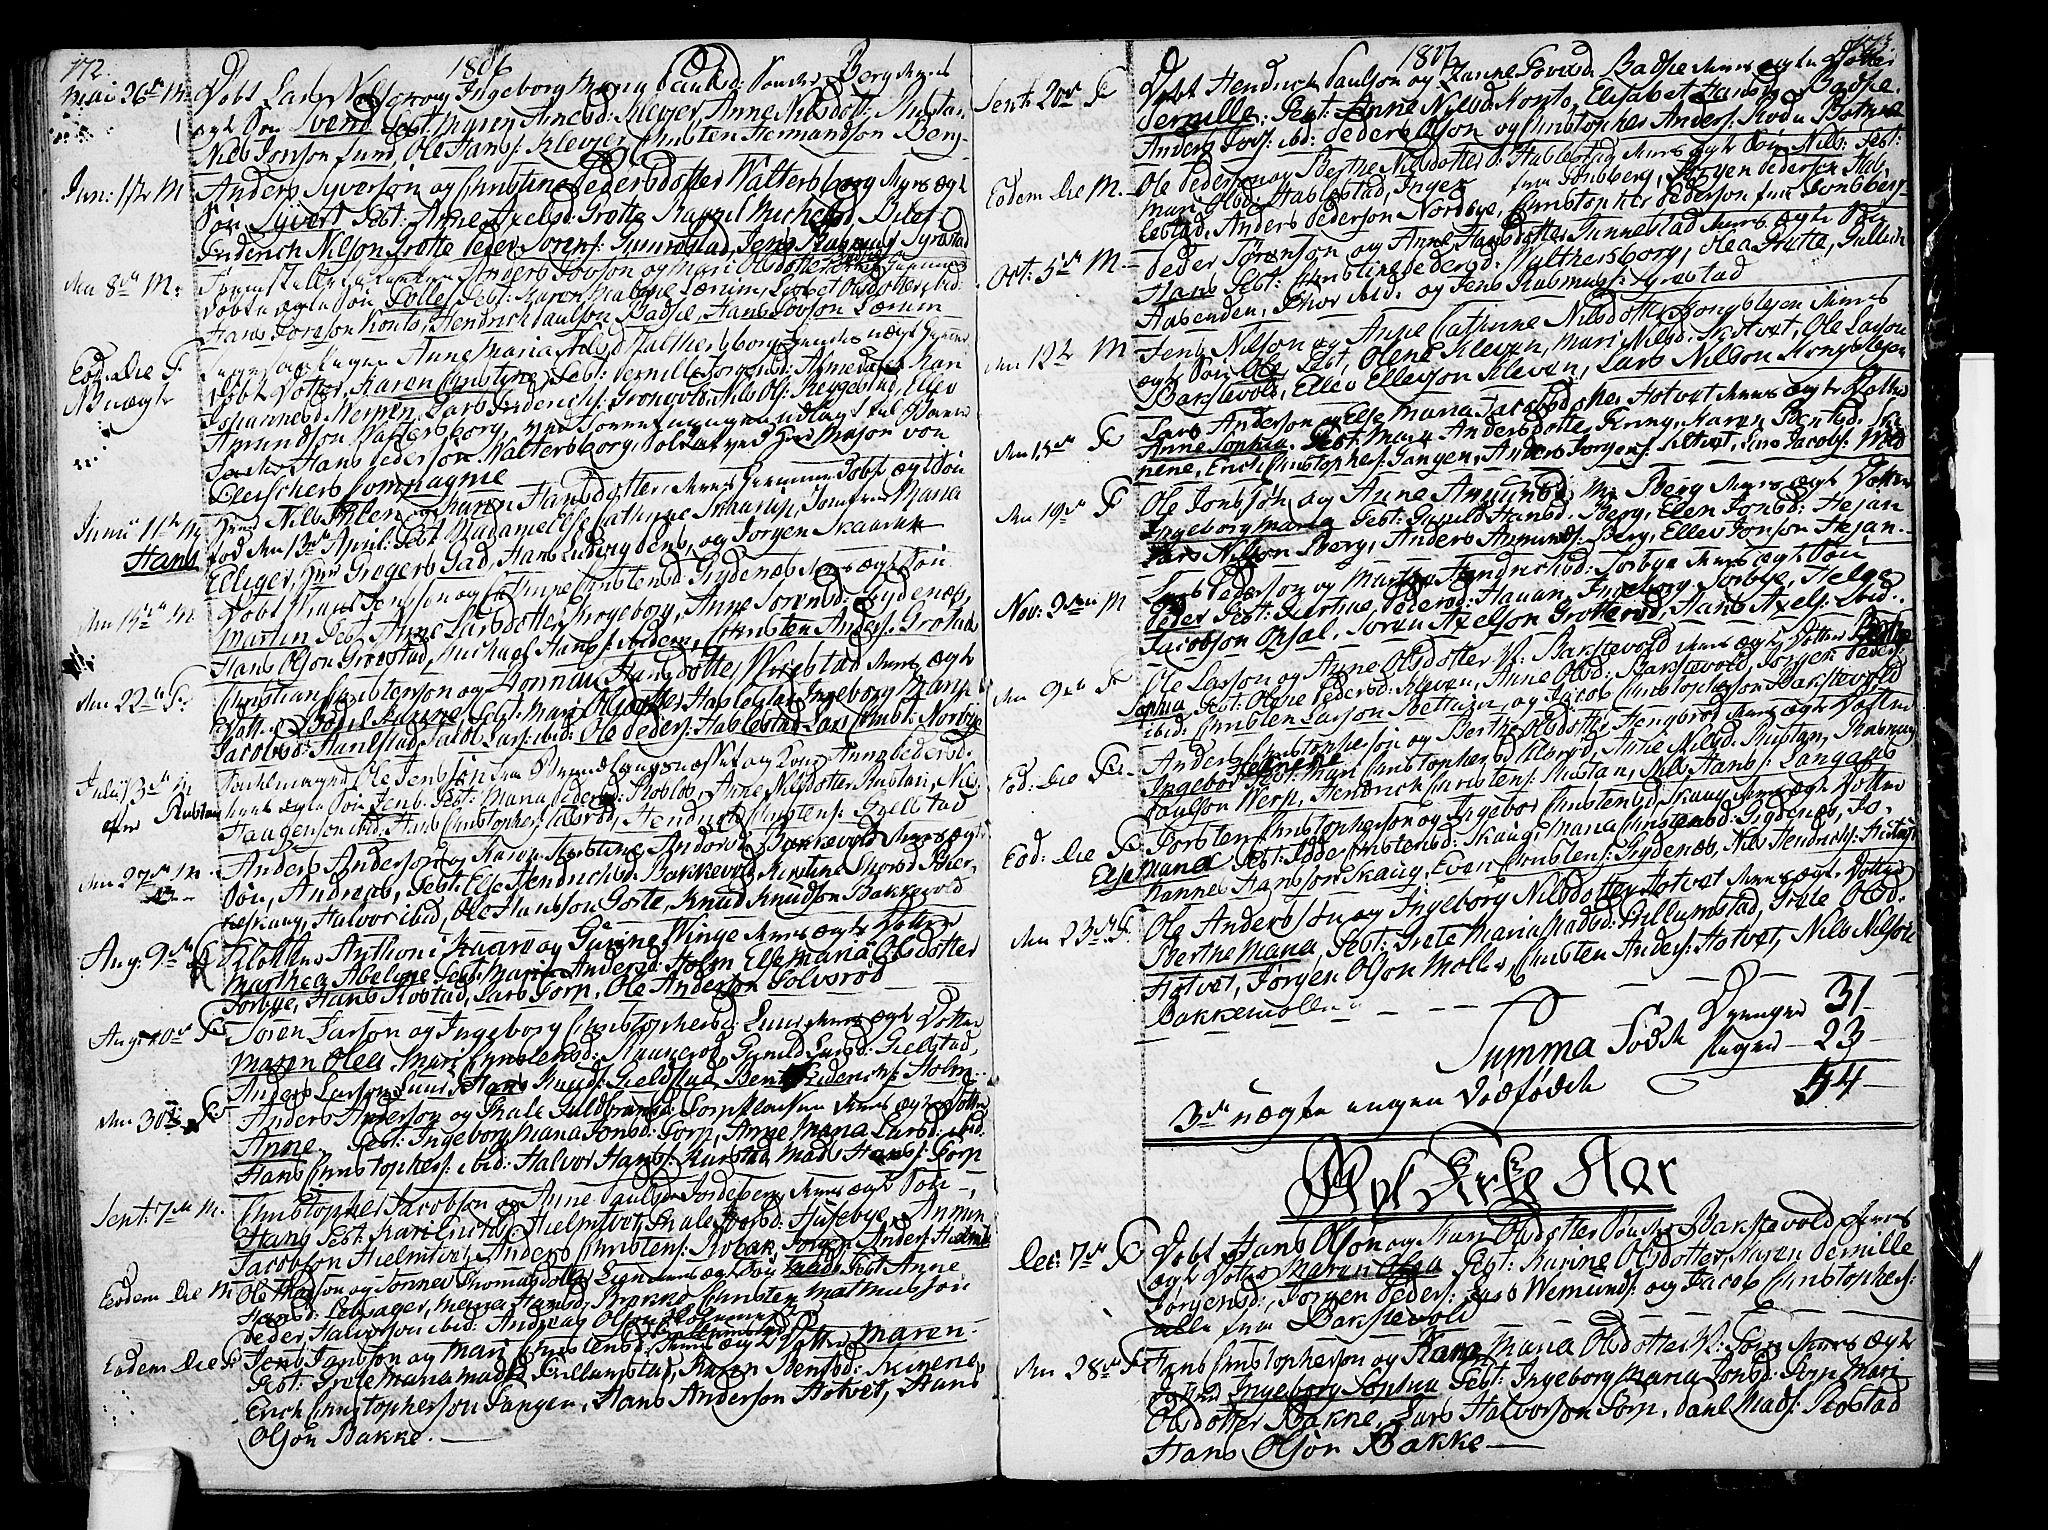 SAKO, Våle kirkebøker, F/Fa/L0005: Ministerialbok nr. I 5, 1773-1808, s. 172-173